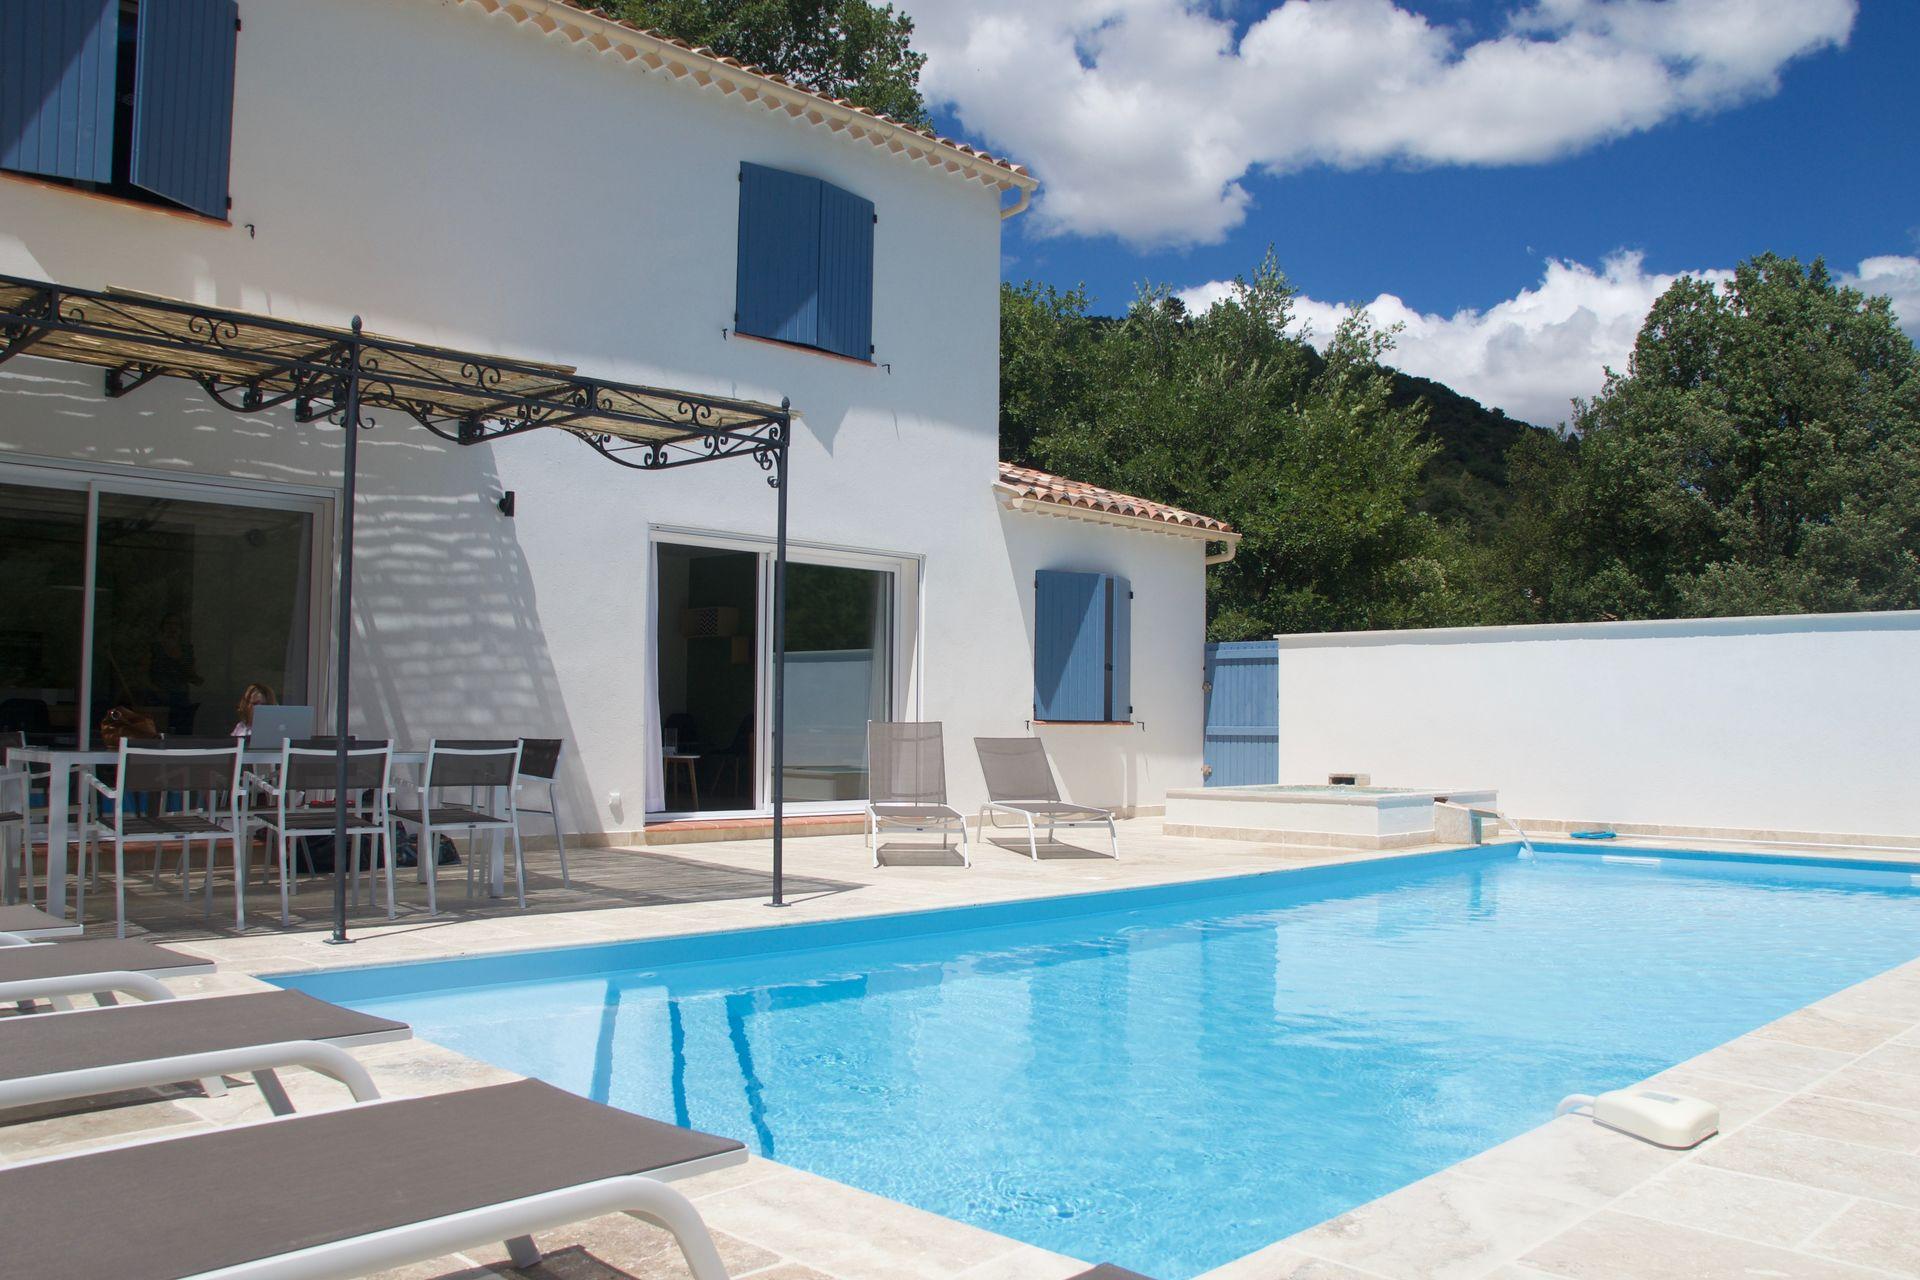 Ferienhaus Maison la Cigale in Alpes-de-Hte-Prov - Provence ...